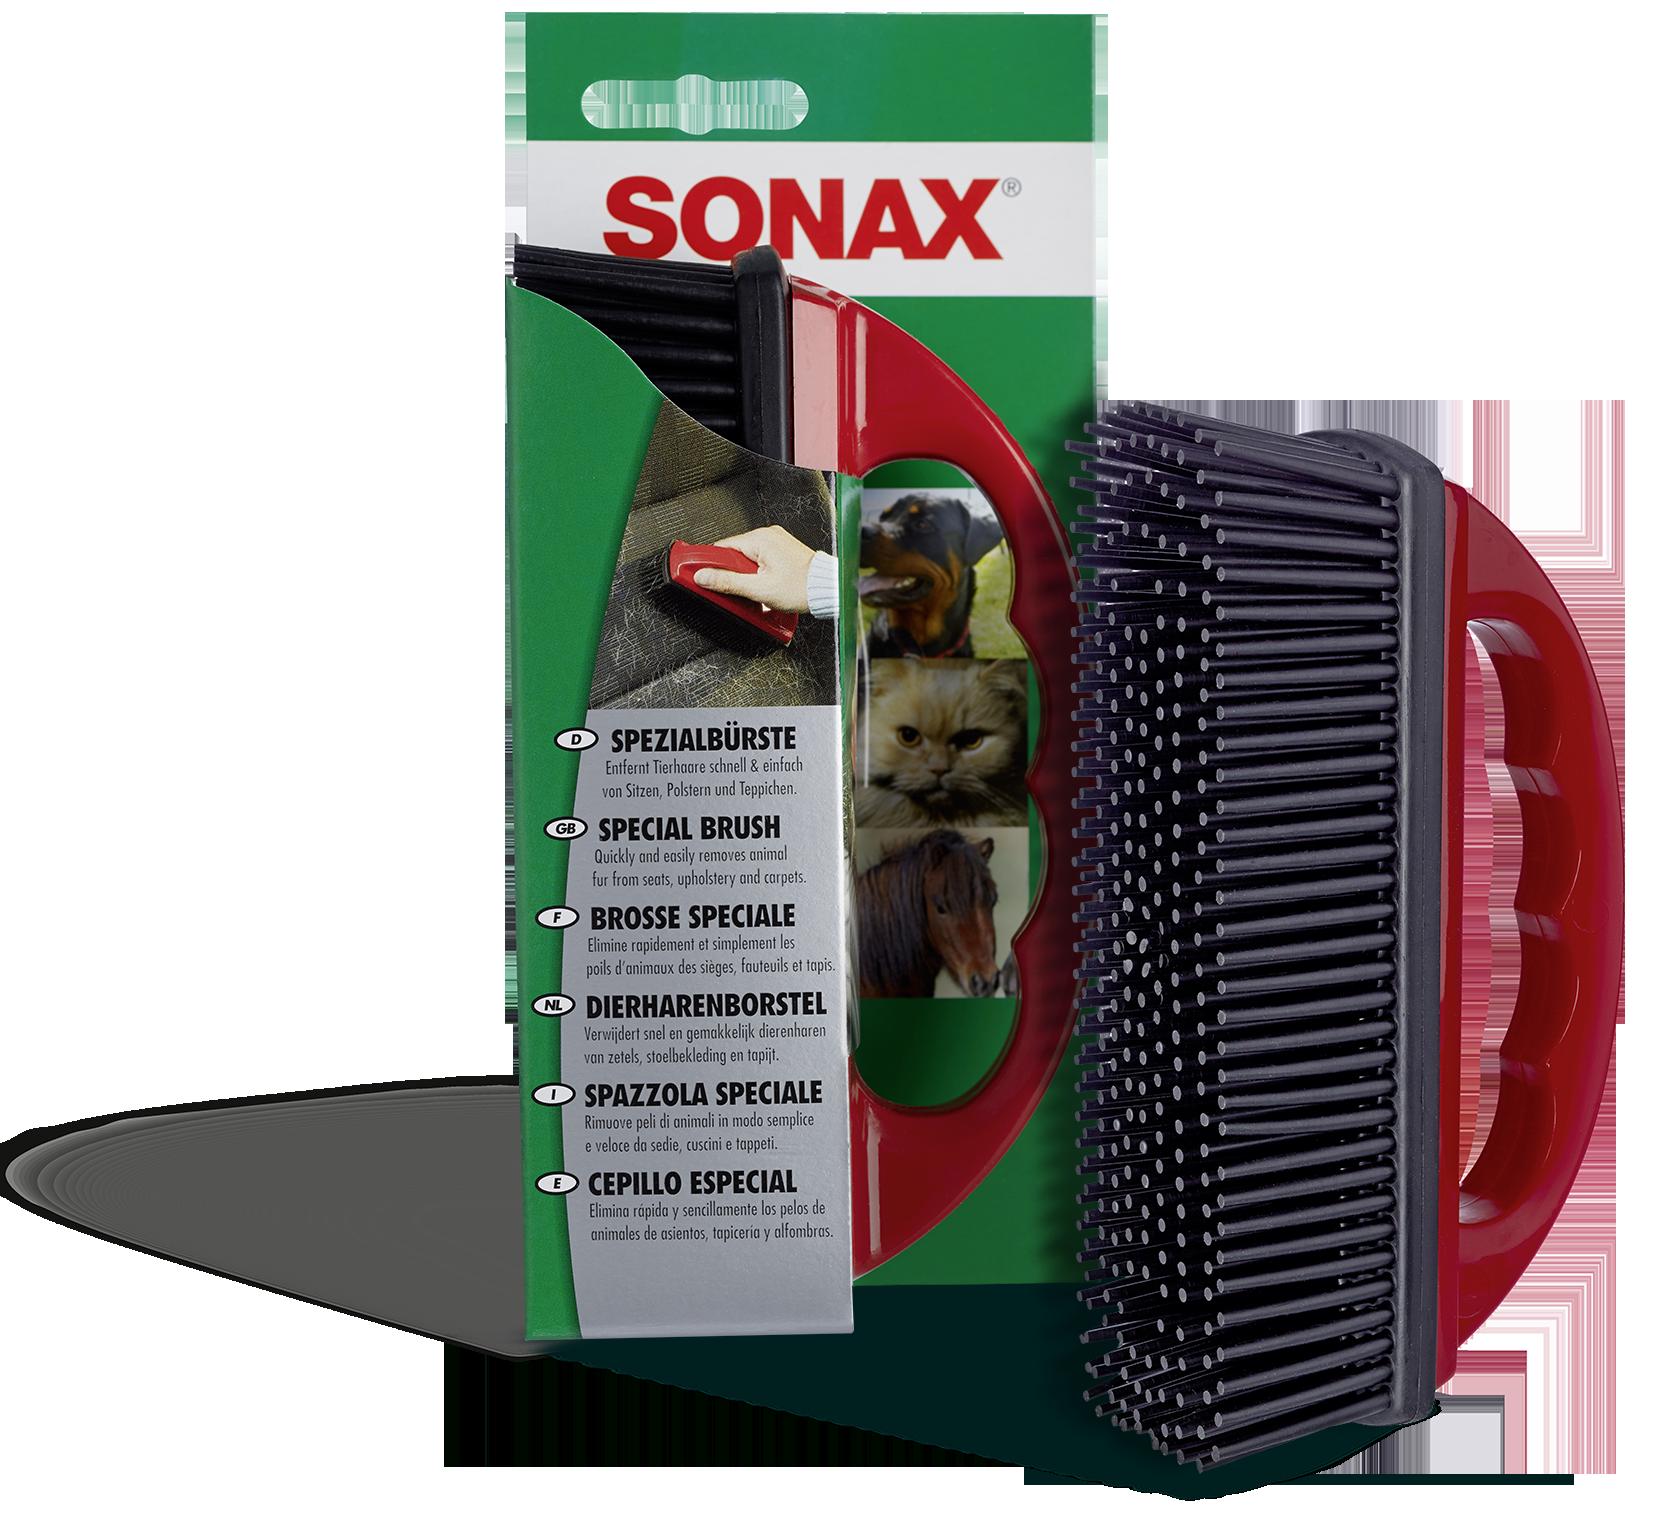 Четка за чистене салона на автомобила 04914000 SONAX 491400 в оригиналното качество